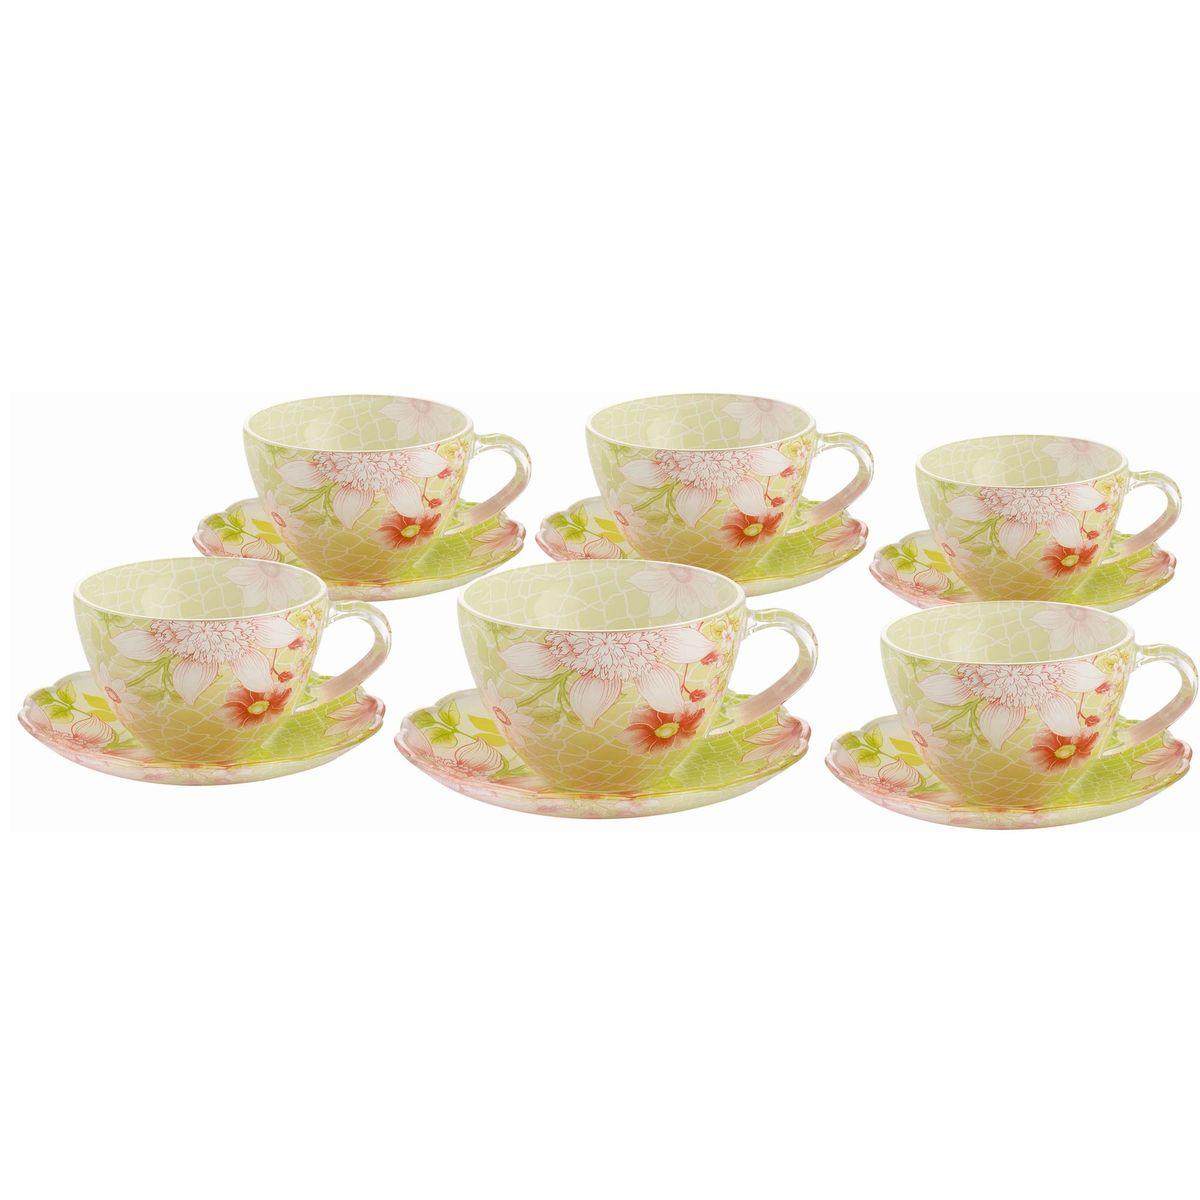 Набор чайный BK-5849 12прBK-584912пр.: чашка - 6шт. (200мл), блюдце - 6шт. (13,5см). Подарочная упаковка. Состав: стекло.